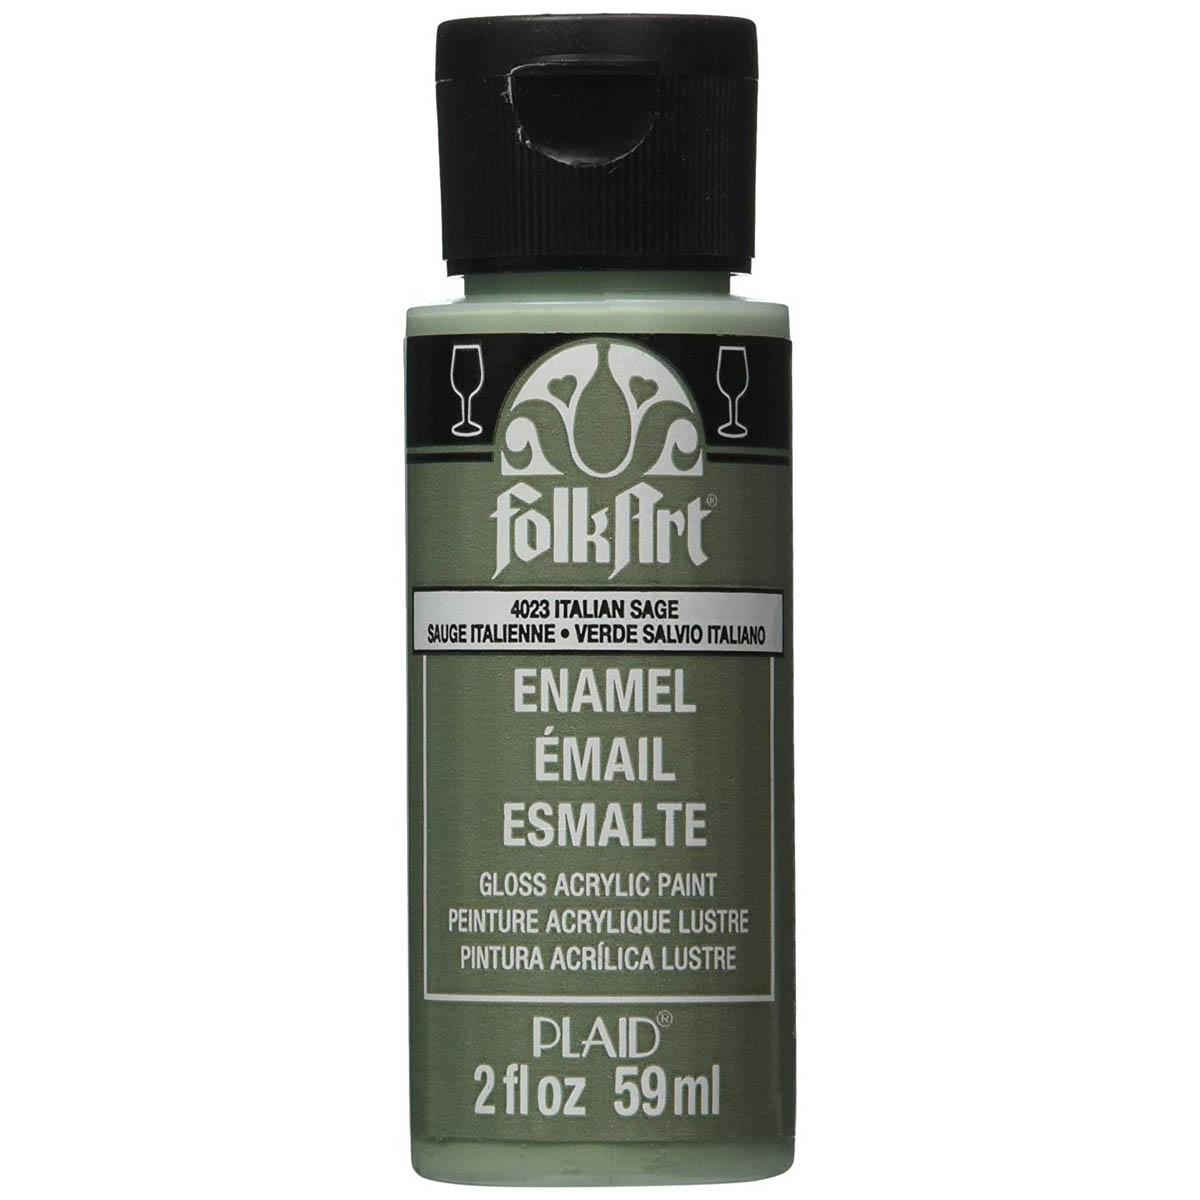 FolkArt ® Enamels™ - Italian Sage, 2 oz. - 4023